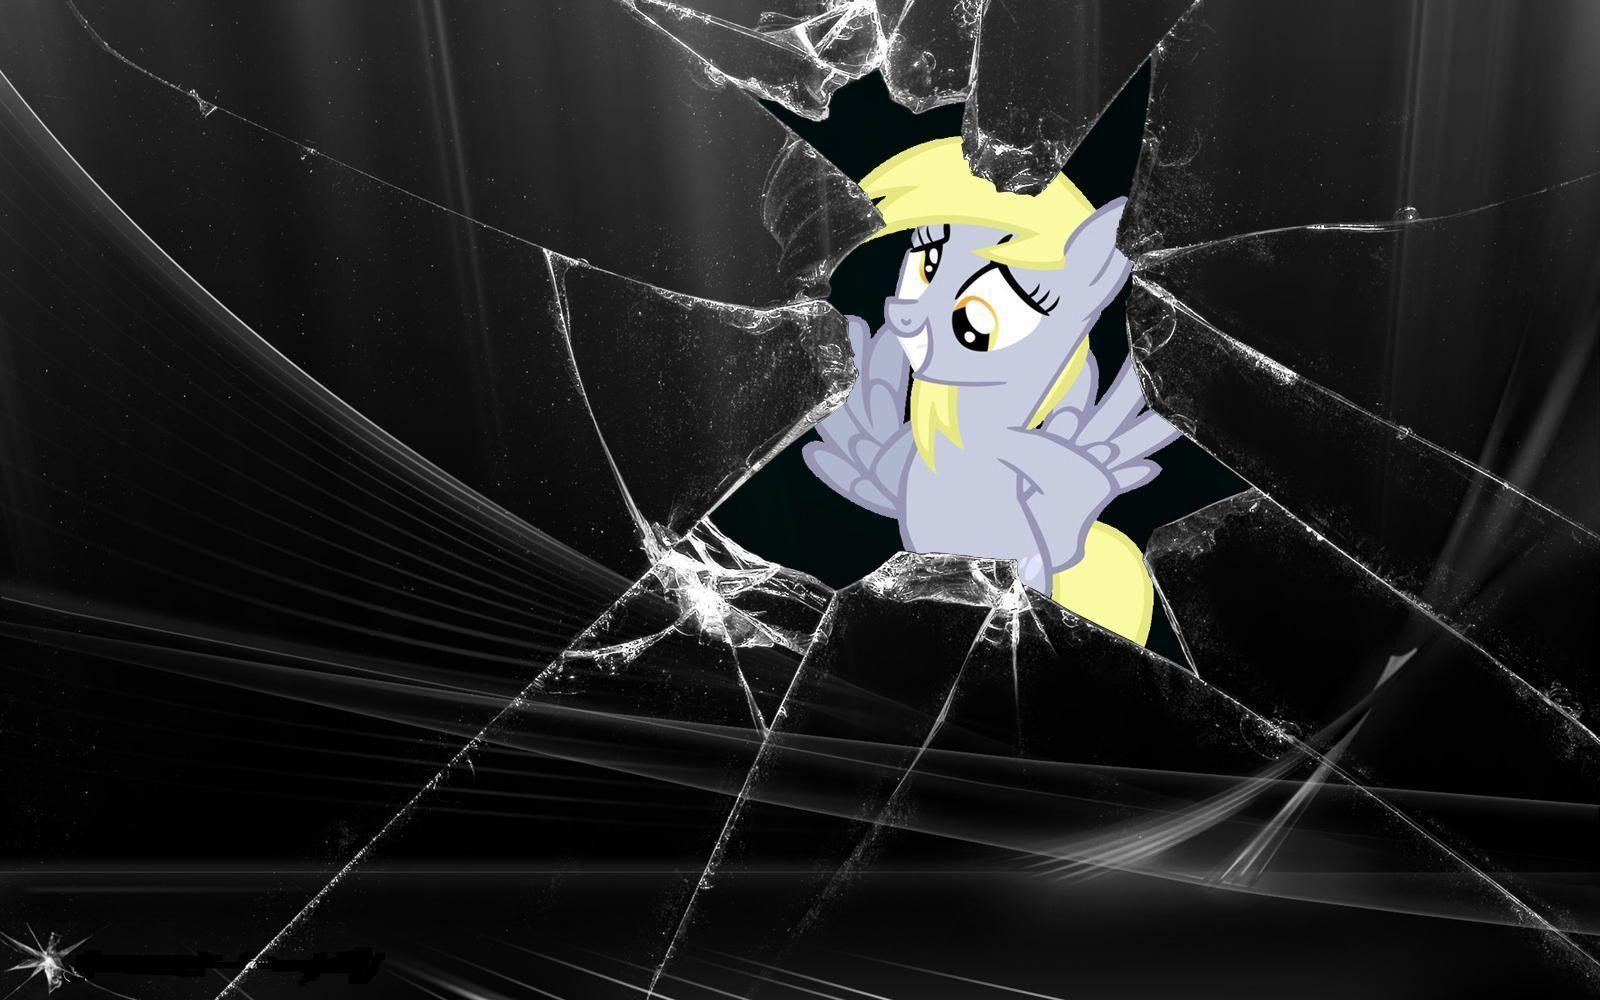 Broken Screen Wallpaper: Wallpapers Broken Screen